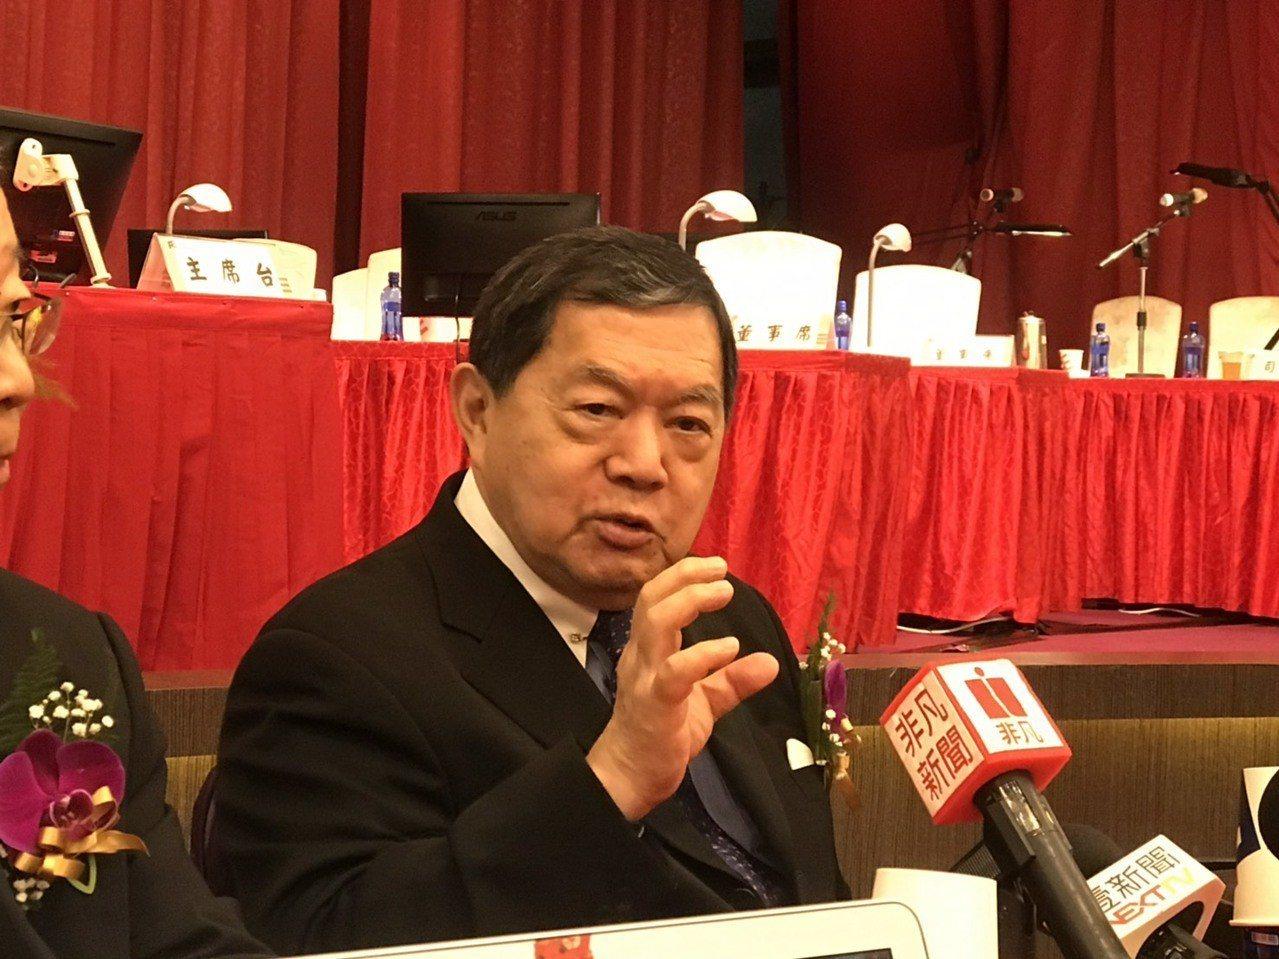 鴻海董事長郭台銘先前勉勵大學畢業生,「每天工作16小時不放假且持續45年,未來將...